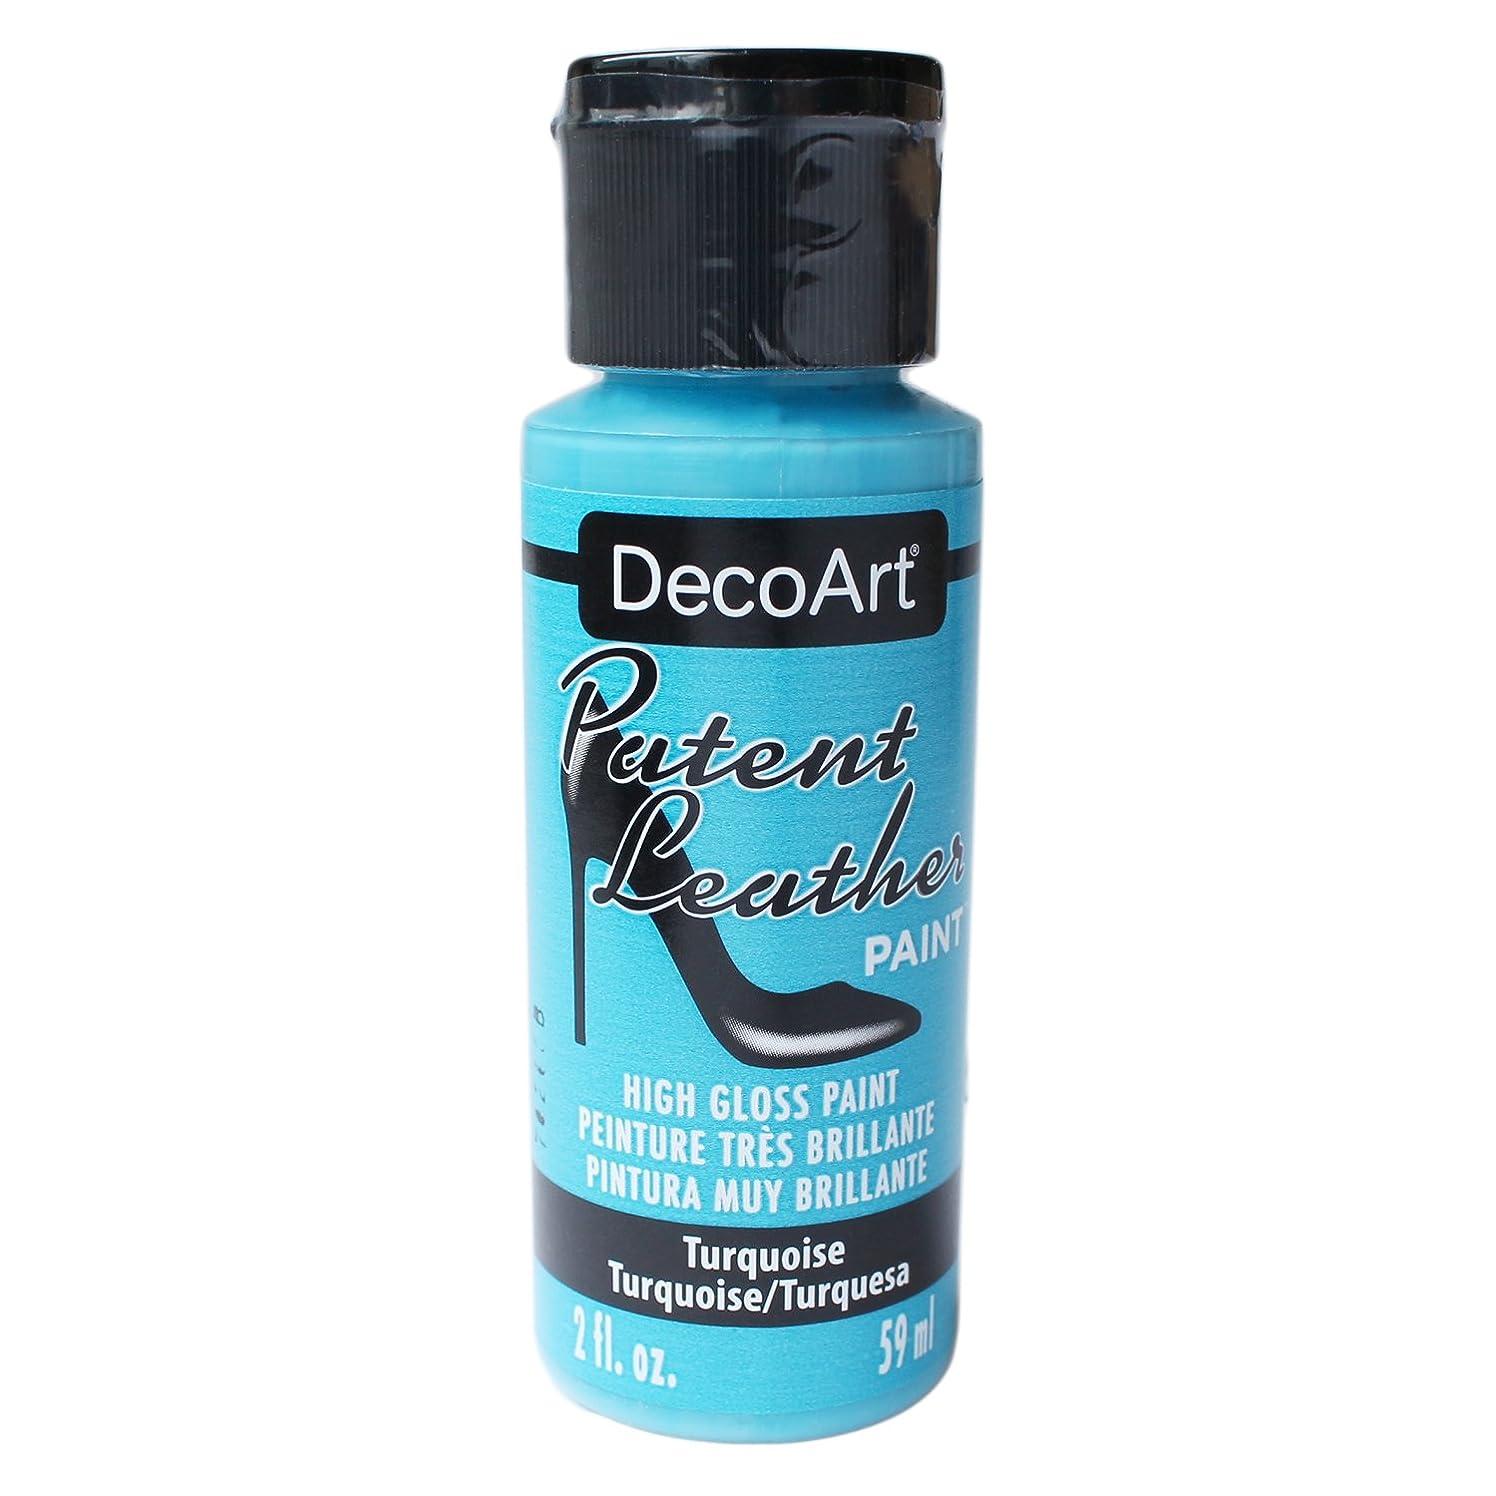 Deco Art (DECCA) DPL09-30 Art Paint, Turquoise